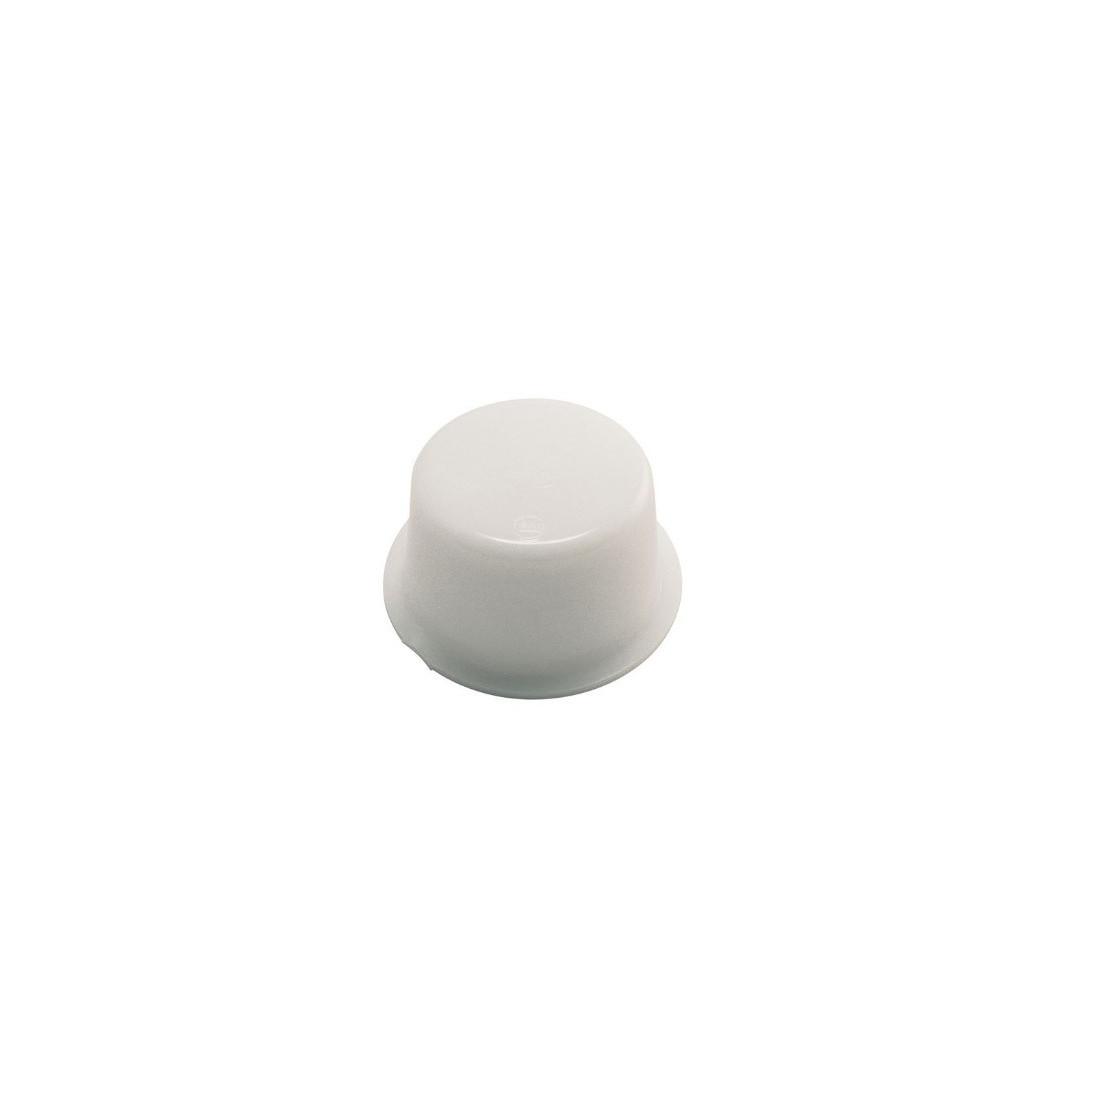 GYLLE poklop světla bílé mléko